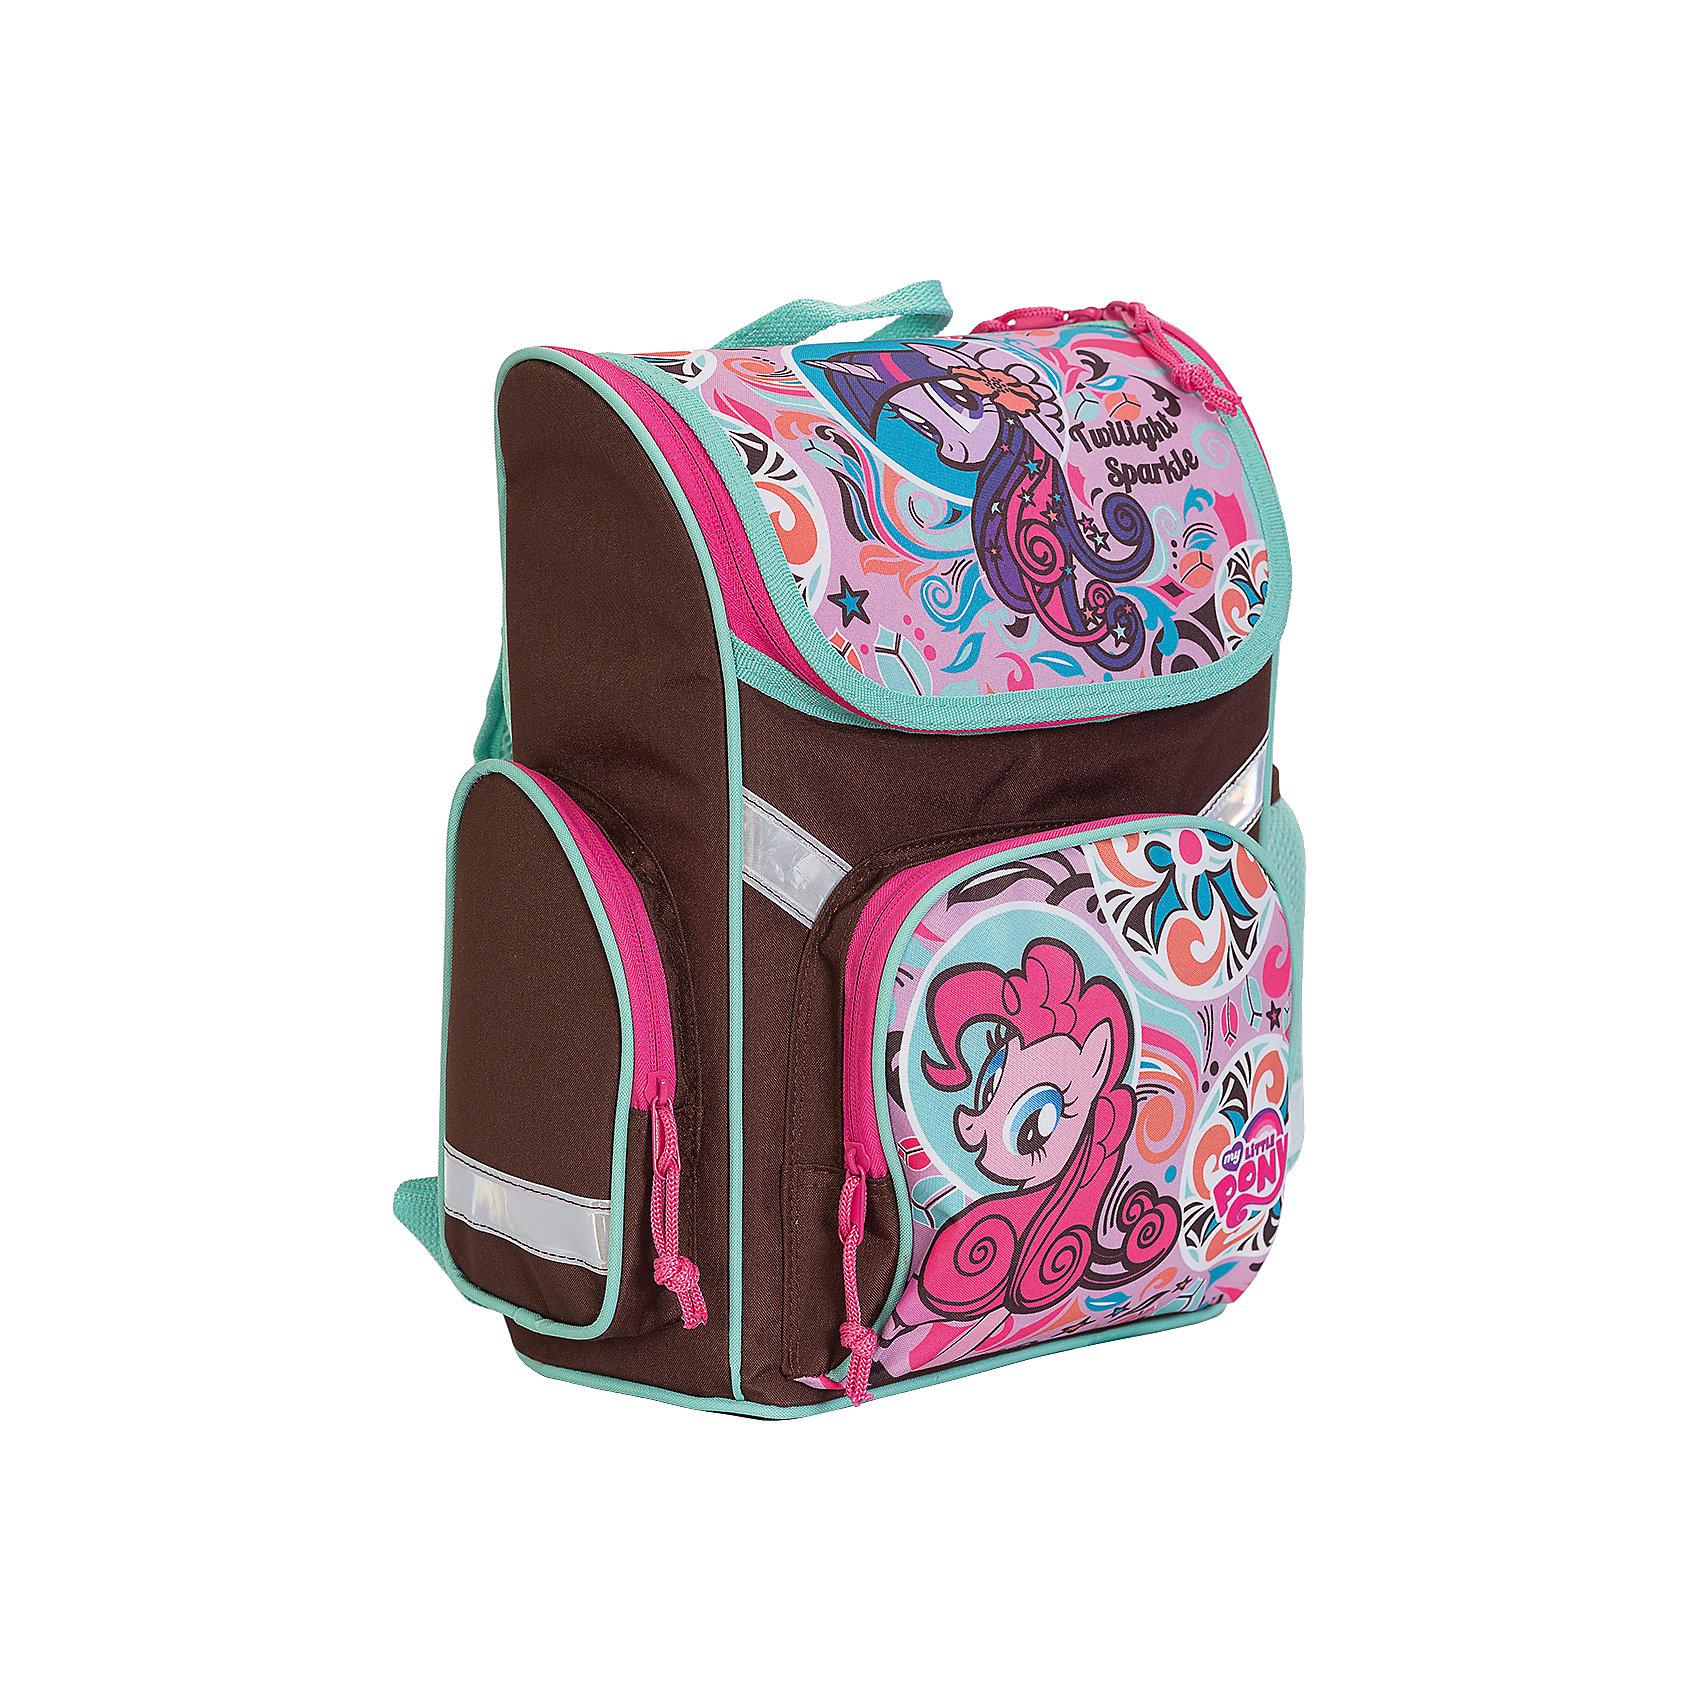 Школьный рюкзак, My Little PonyРюкзак My Little Pony - прекрасный вариант для школьных занятий. Рюкзак изготовлен из прочного полиэстера и имеет привлекательный для девочек дизайн в коричнево-розовой расцветке с изображением волшебных лошадок из популярного мультсериала Мой маленький пони.<br>Эргономичная спинка выполнена в виде накладок анатомической формы из нескольких слоев вспененных синтетических материалов и обтянута воздухообменной сеткой. Спинка и боковые панели усилены пластиком, дно из прочного непромокаемого материала поможет сохранить<br>вещи в порядке и чистоте. Широкие анатомические лямки, регулируемые по длине, равномерно распределяют нагрузку на плечевой пояс. Также есть удобная прорезиненная ручка для переноски в руках. <br><br>Рюкзак закрывается на застежку-молнию, внутри одно просторное вместительное отделение с двумя разделителями. На лицевой стороне рюкзака расположен большой накладной кармана, закрывающийся на молнию, также имеются карманы по бокам рюкзака (сетчатый и на молнии).<br>Светоотражающие вставки повышают безопасность ребенка на дороге.<br><br><br>Дополнительная информация:<br><br>- Материал: полиэстер.  <br>- Размер: 35 х 26,5 х 13 см.<br>- Вес: 0,99 кг.<br><br>Рюкзак, My Little Pony, можно купить в нашем интернет-магазине.<br><br>Ширина мм: 265<br>Глубина мм: 130<br>Высота мм: 350<br>Вес г: 990<br>Возраст от месяцев: 60<br>Возраст до месяцев: 84<br>Пол: Женский<br>Возраст: Детский<br>SKU: 4681154